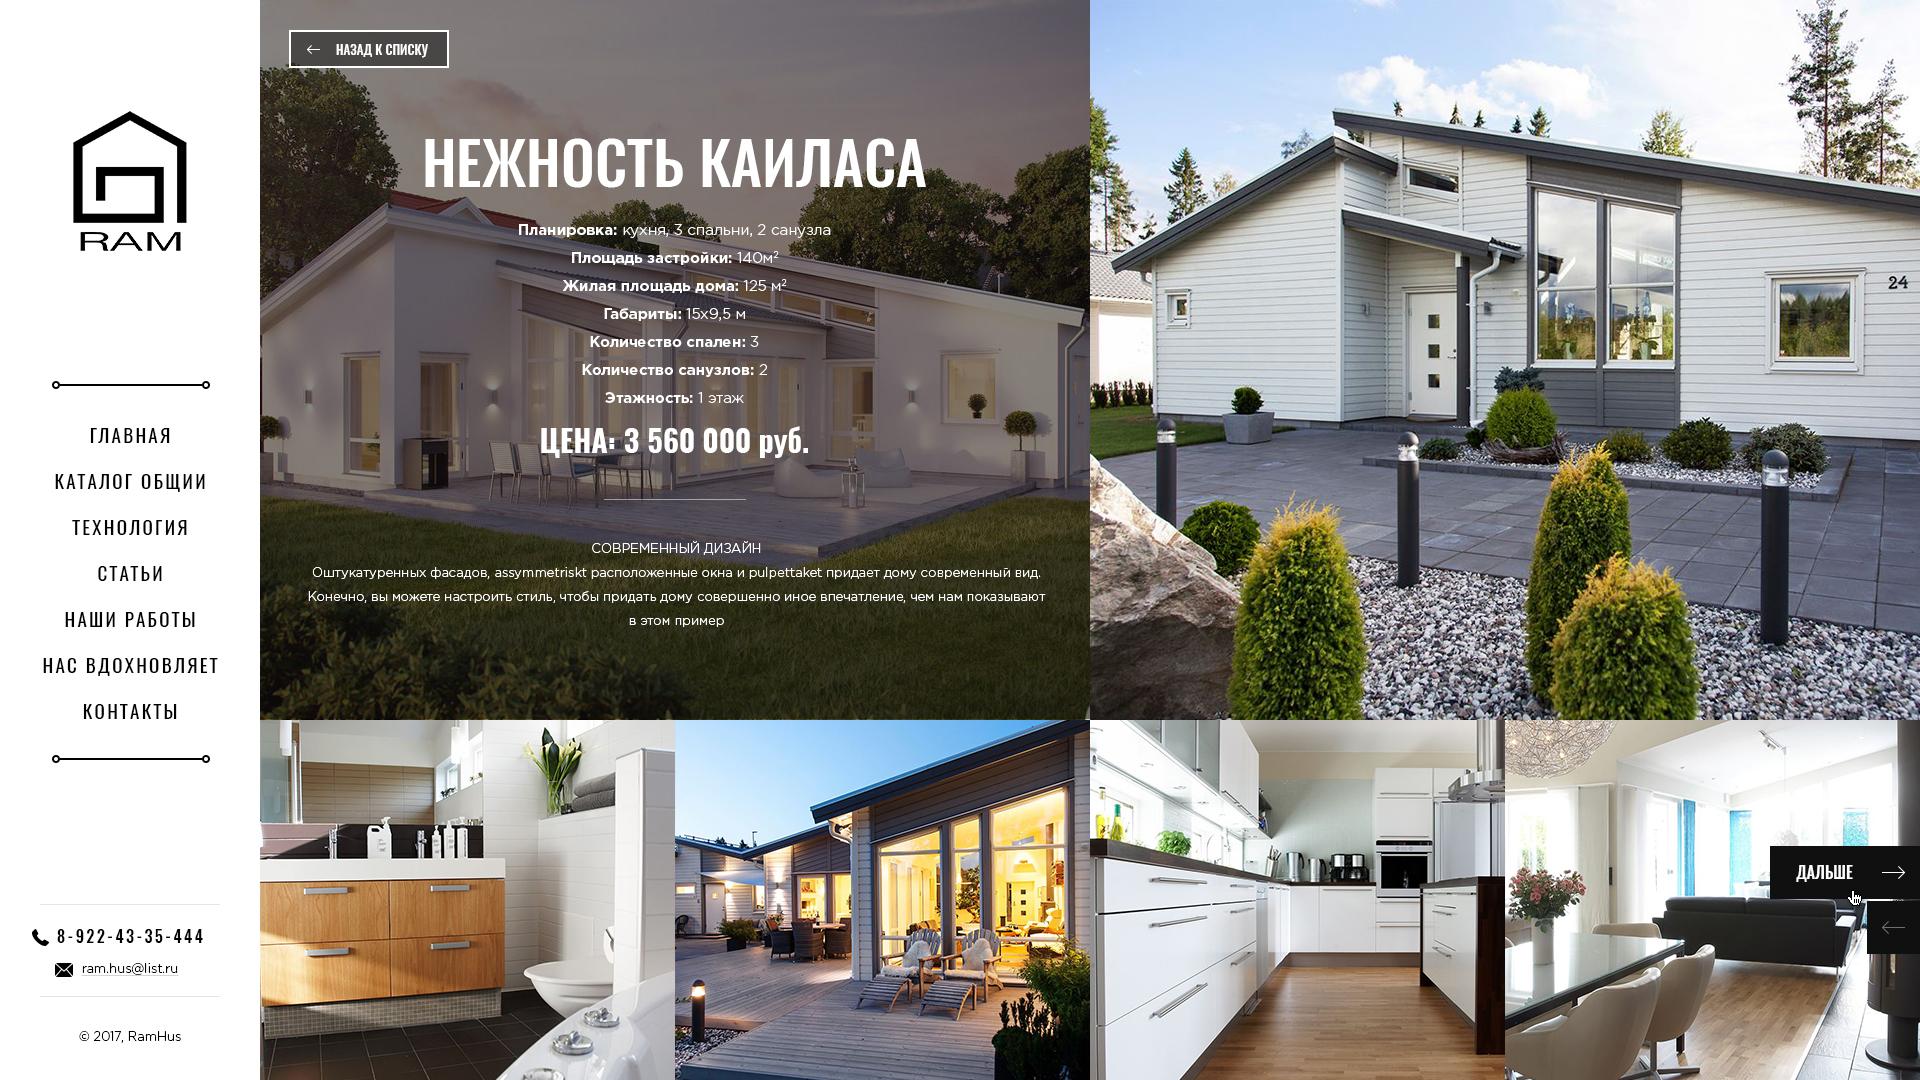 Дизайн сайта строительной компании RamHus